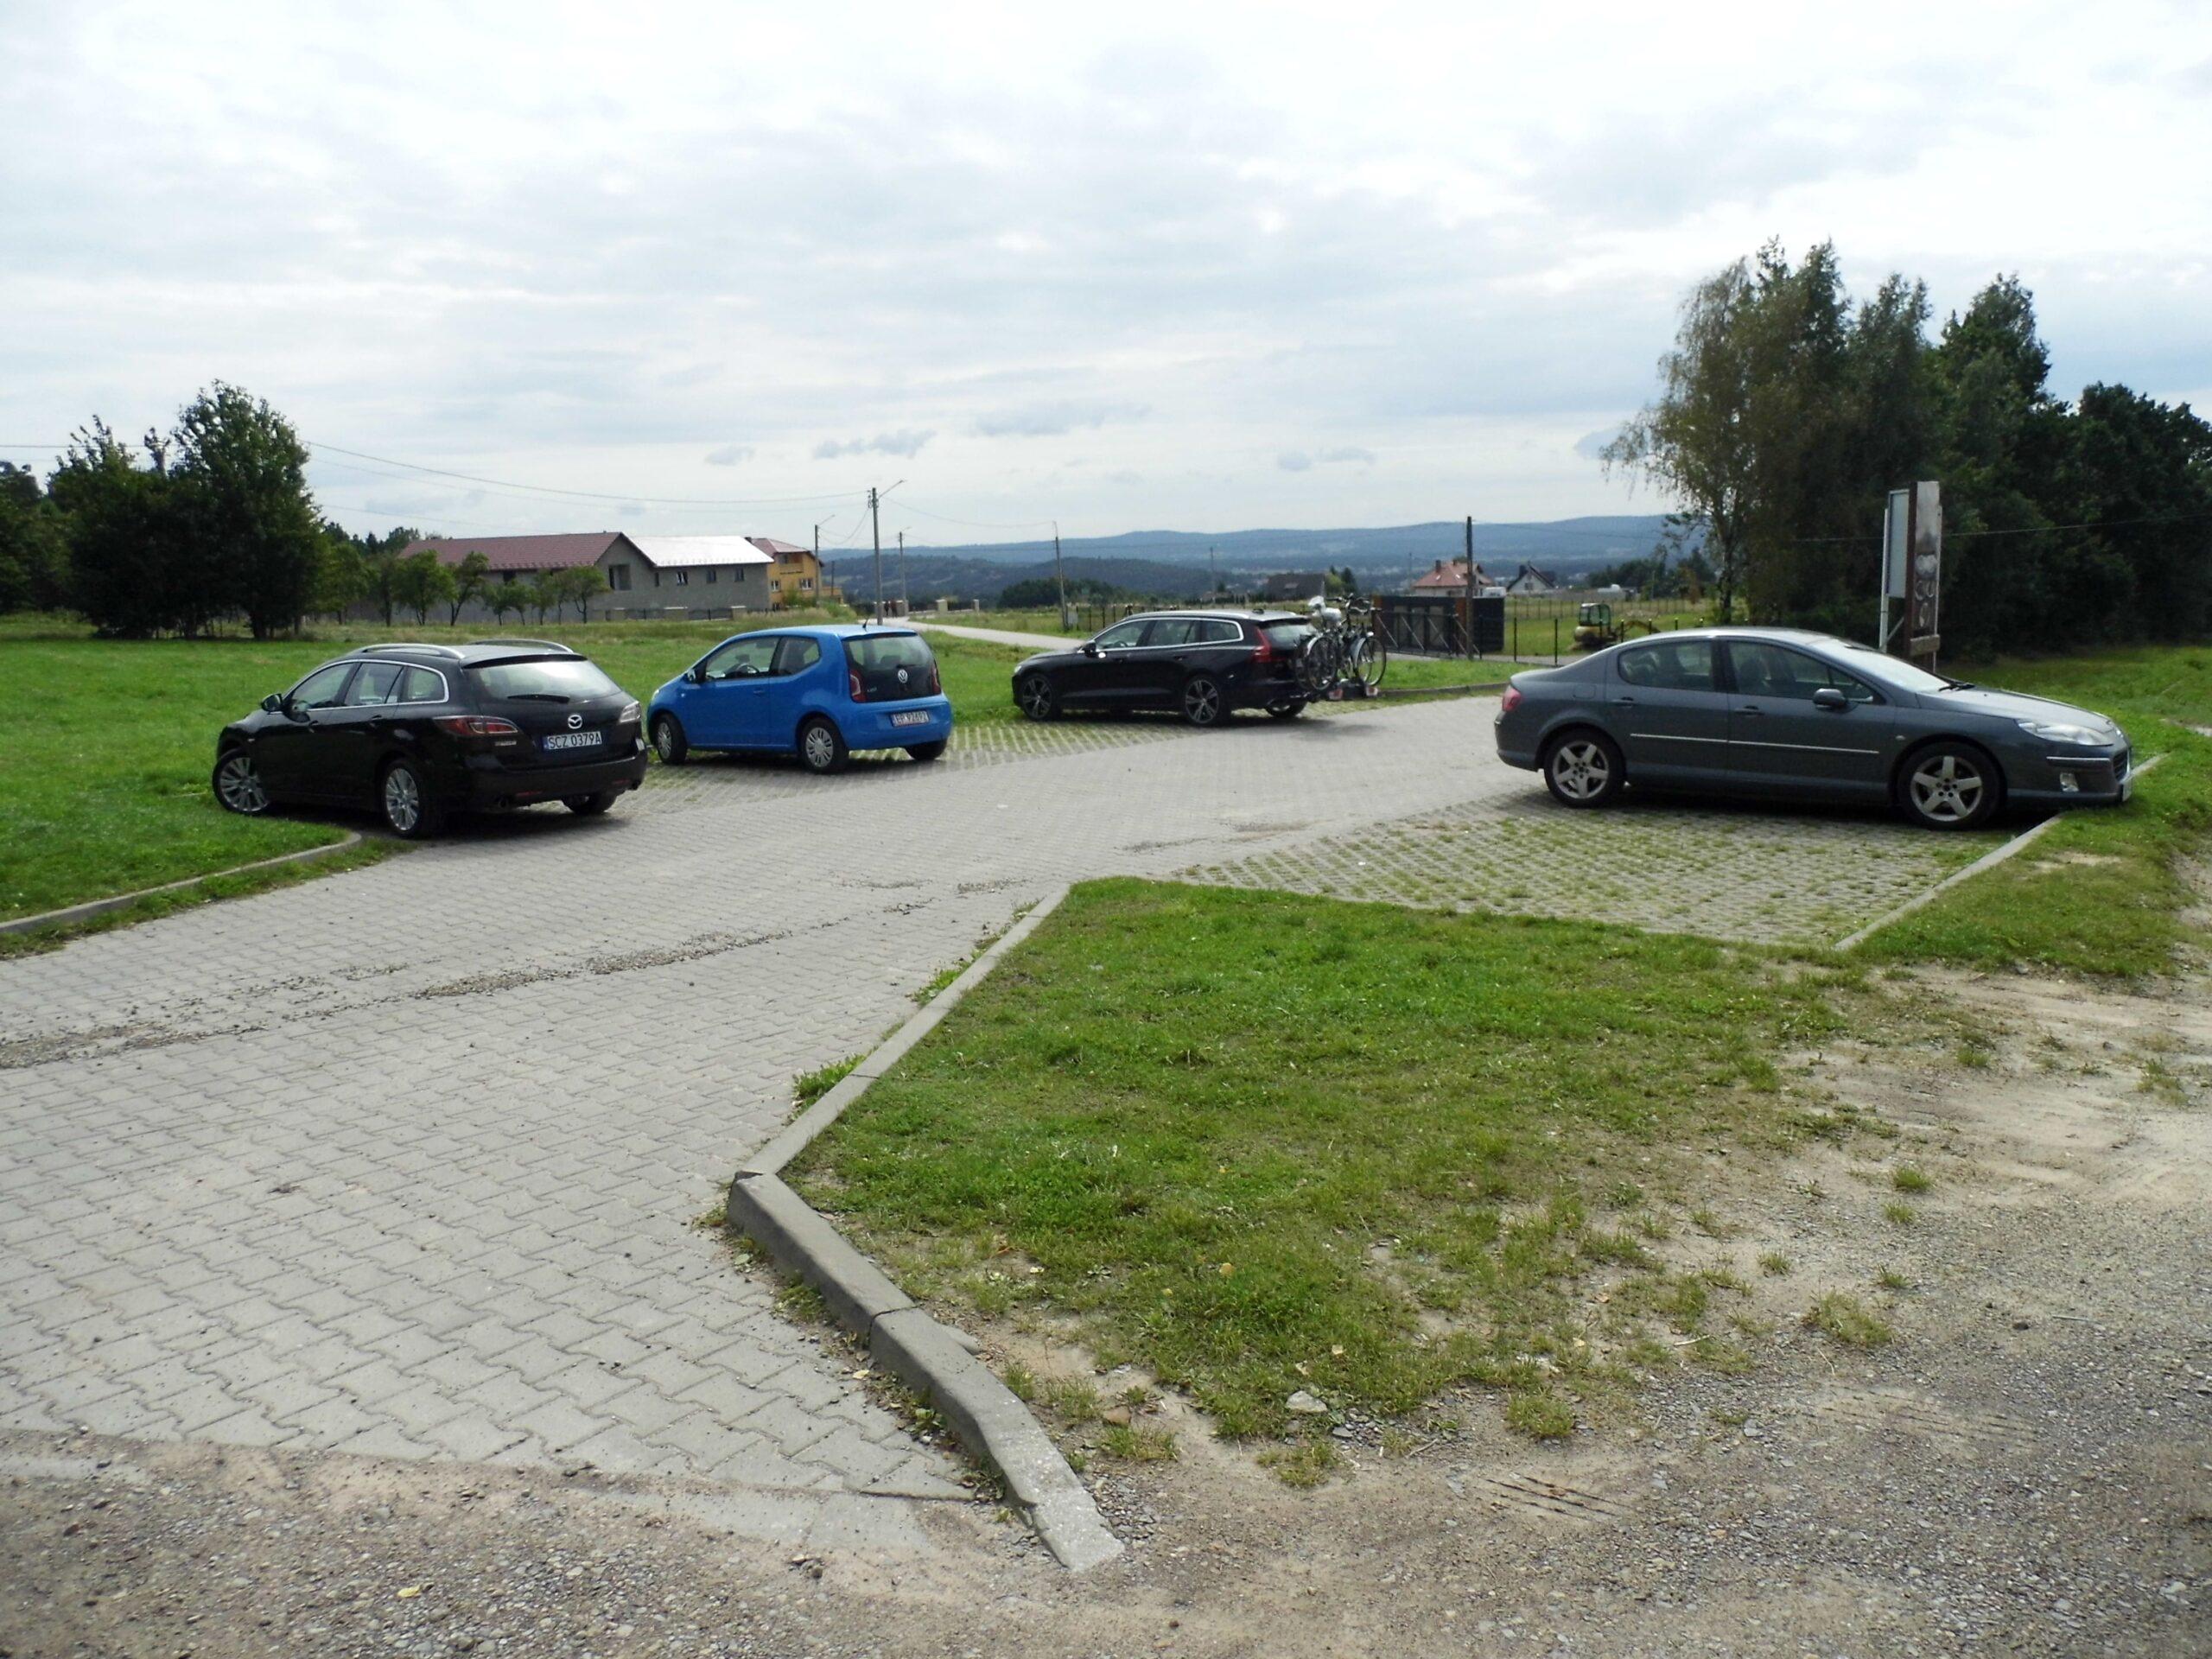 Chata Kaka parking